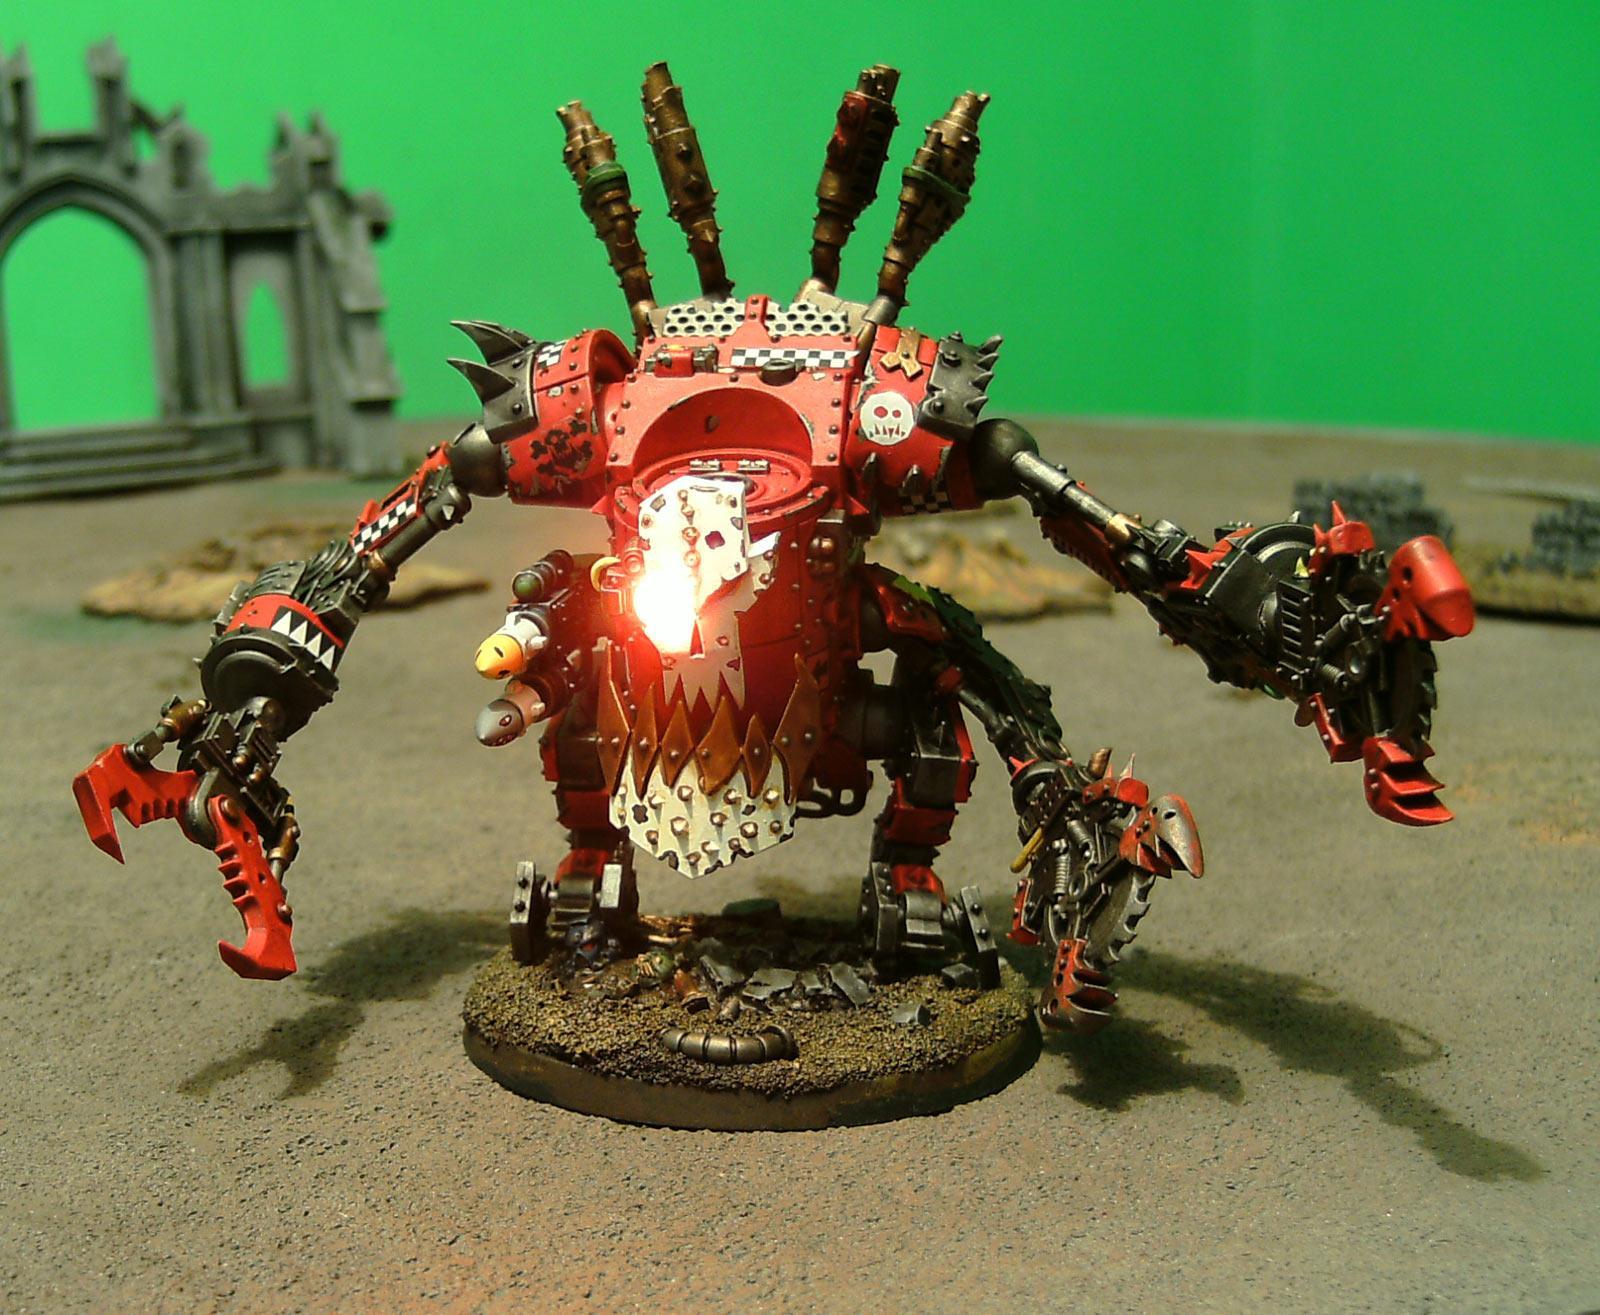 Deff Dread, Evil Suns, Evil Sunz, LED, Orks, Ouze, Walker, Warhammer 40,000